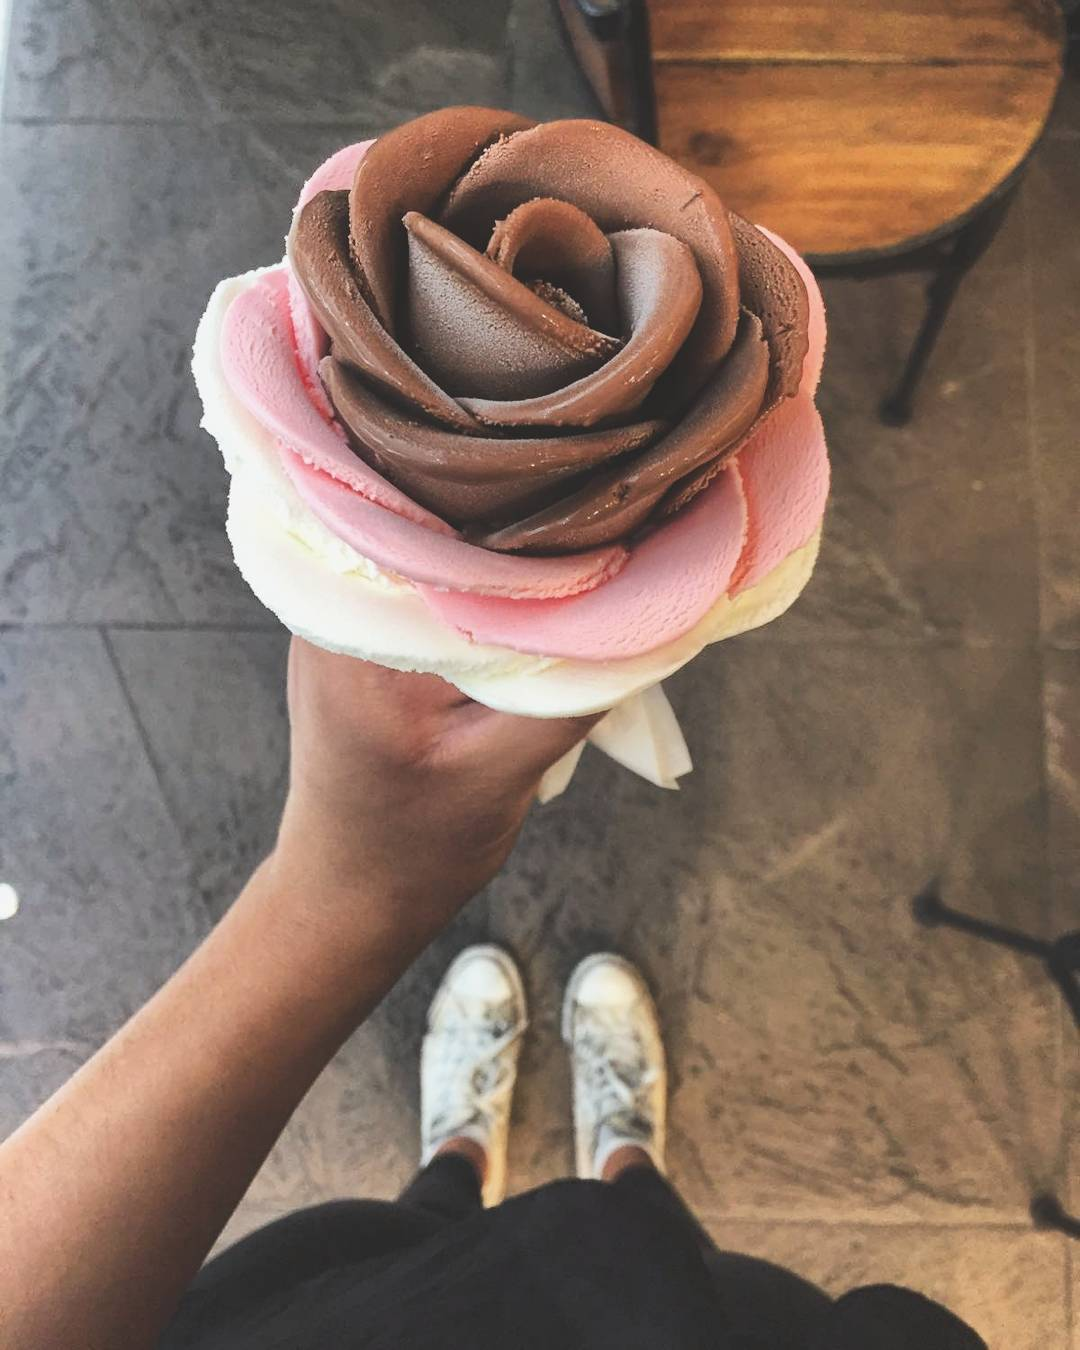 i-creamy flower gelato rose petals ice cream